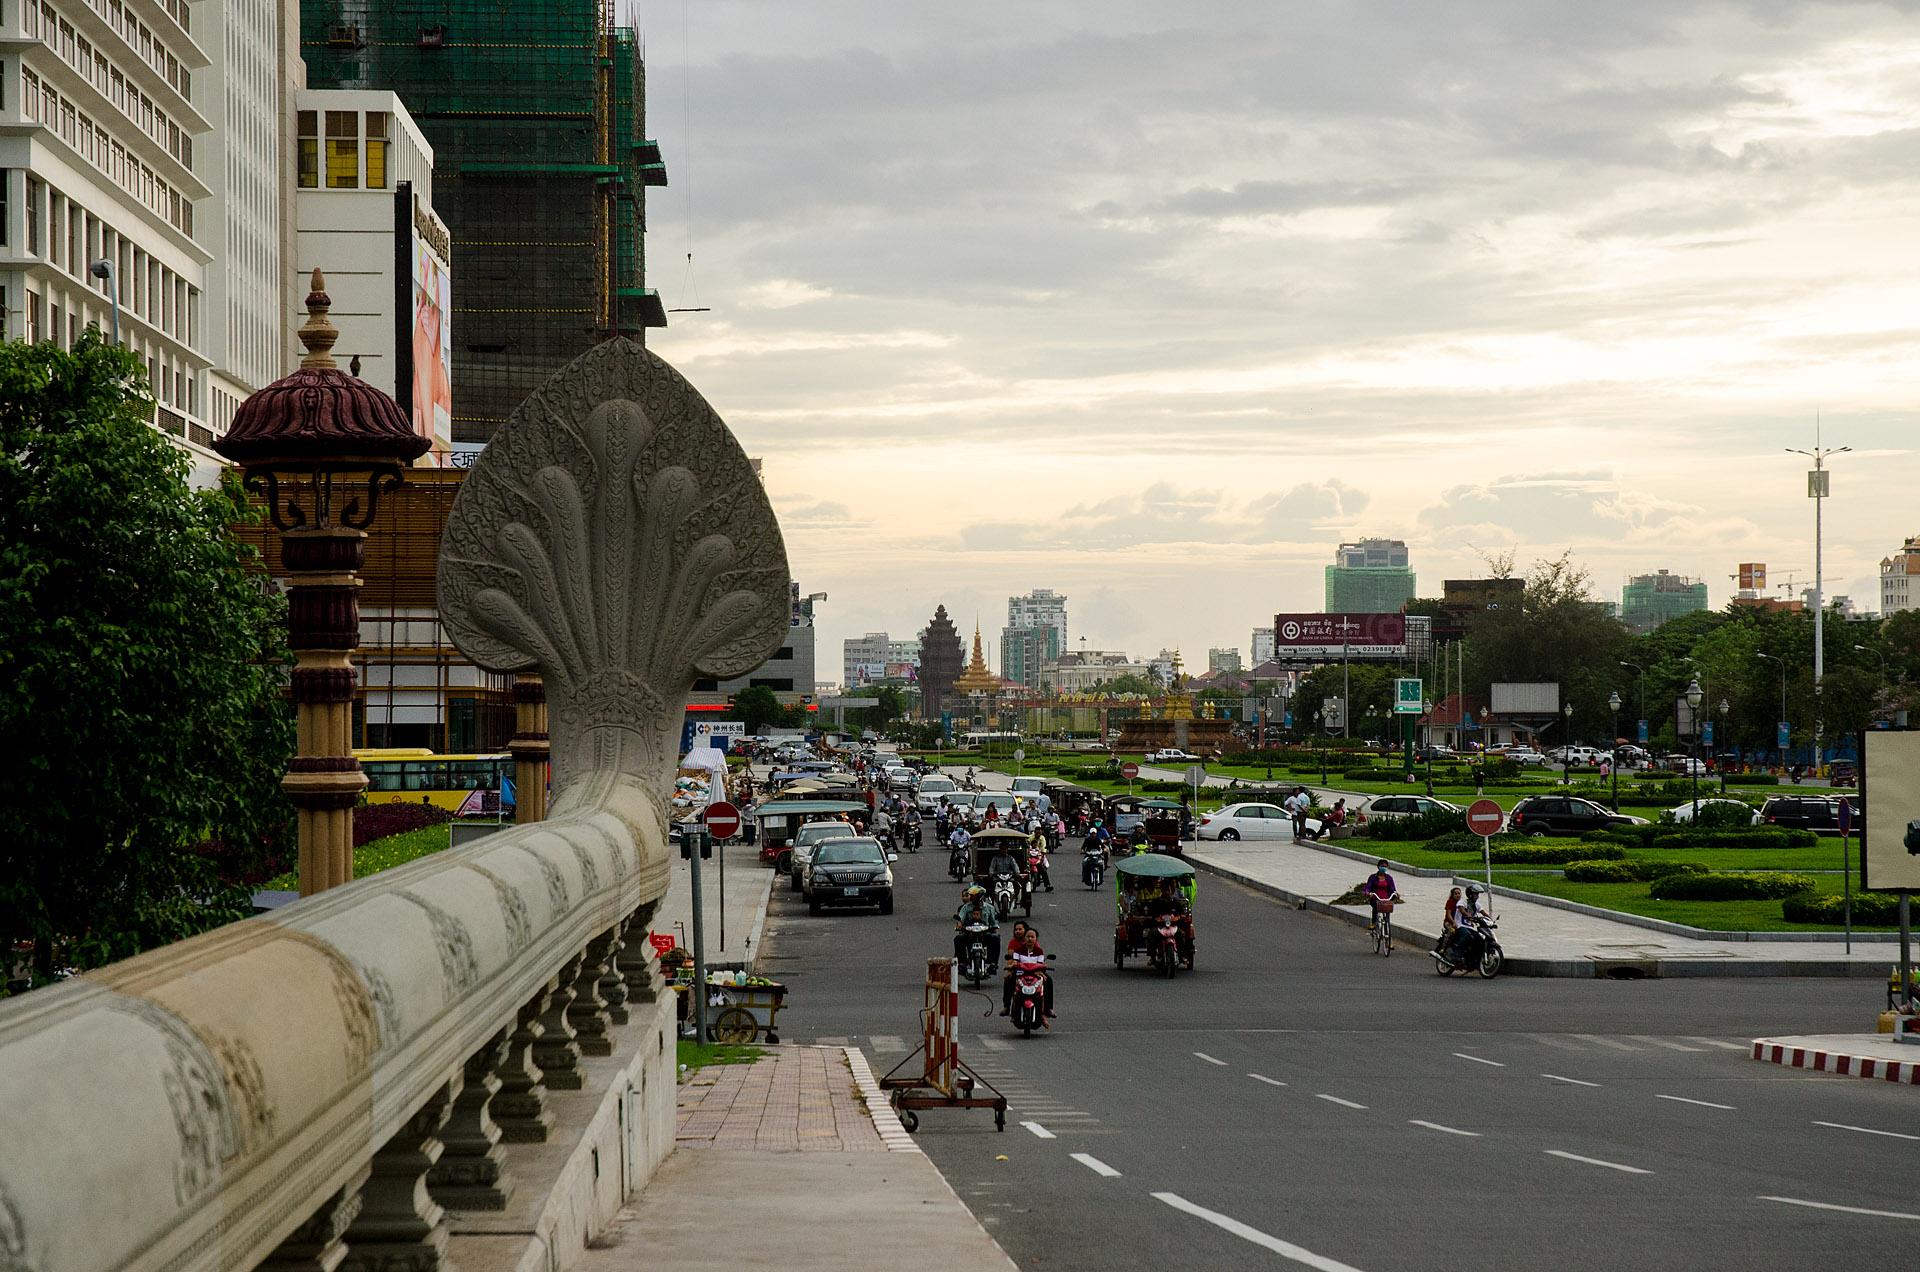 Koh Pich